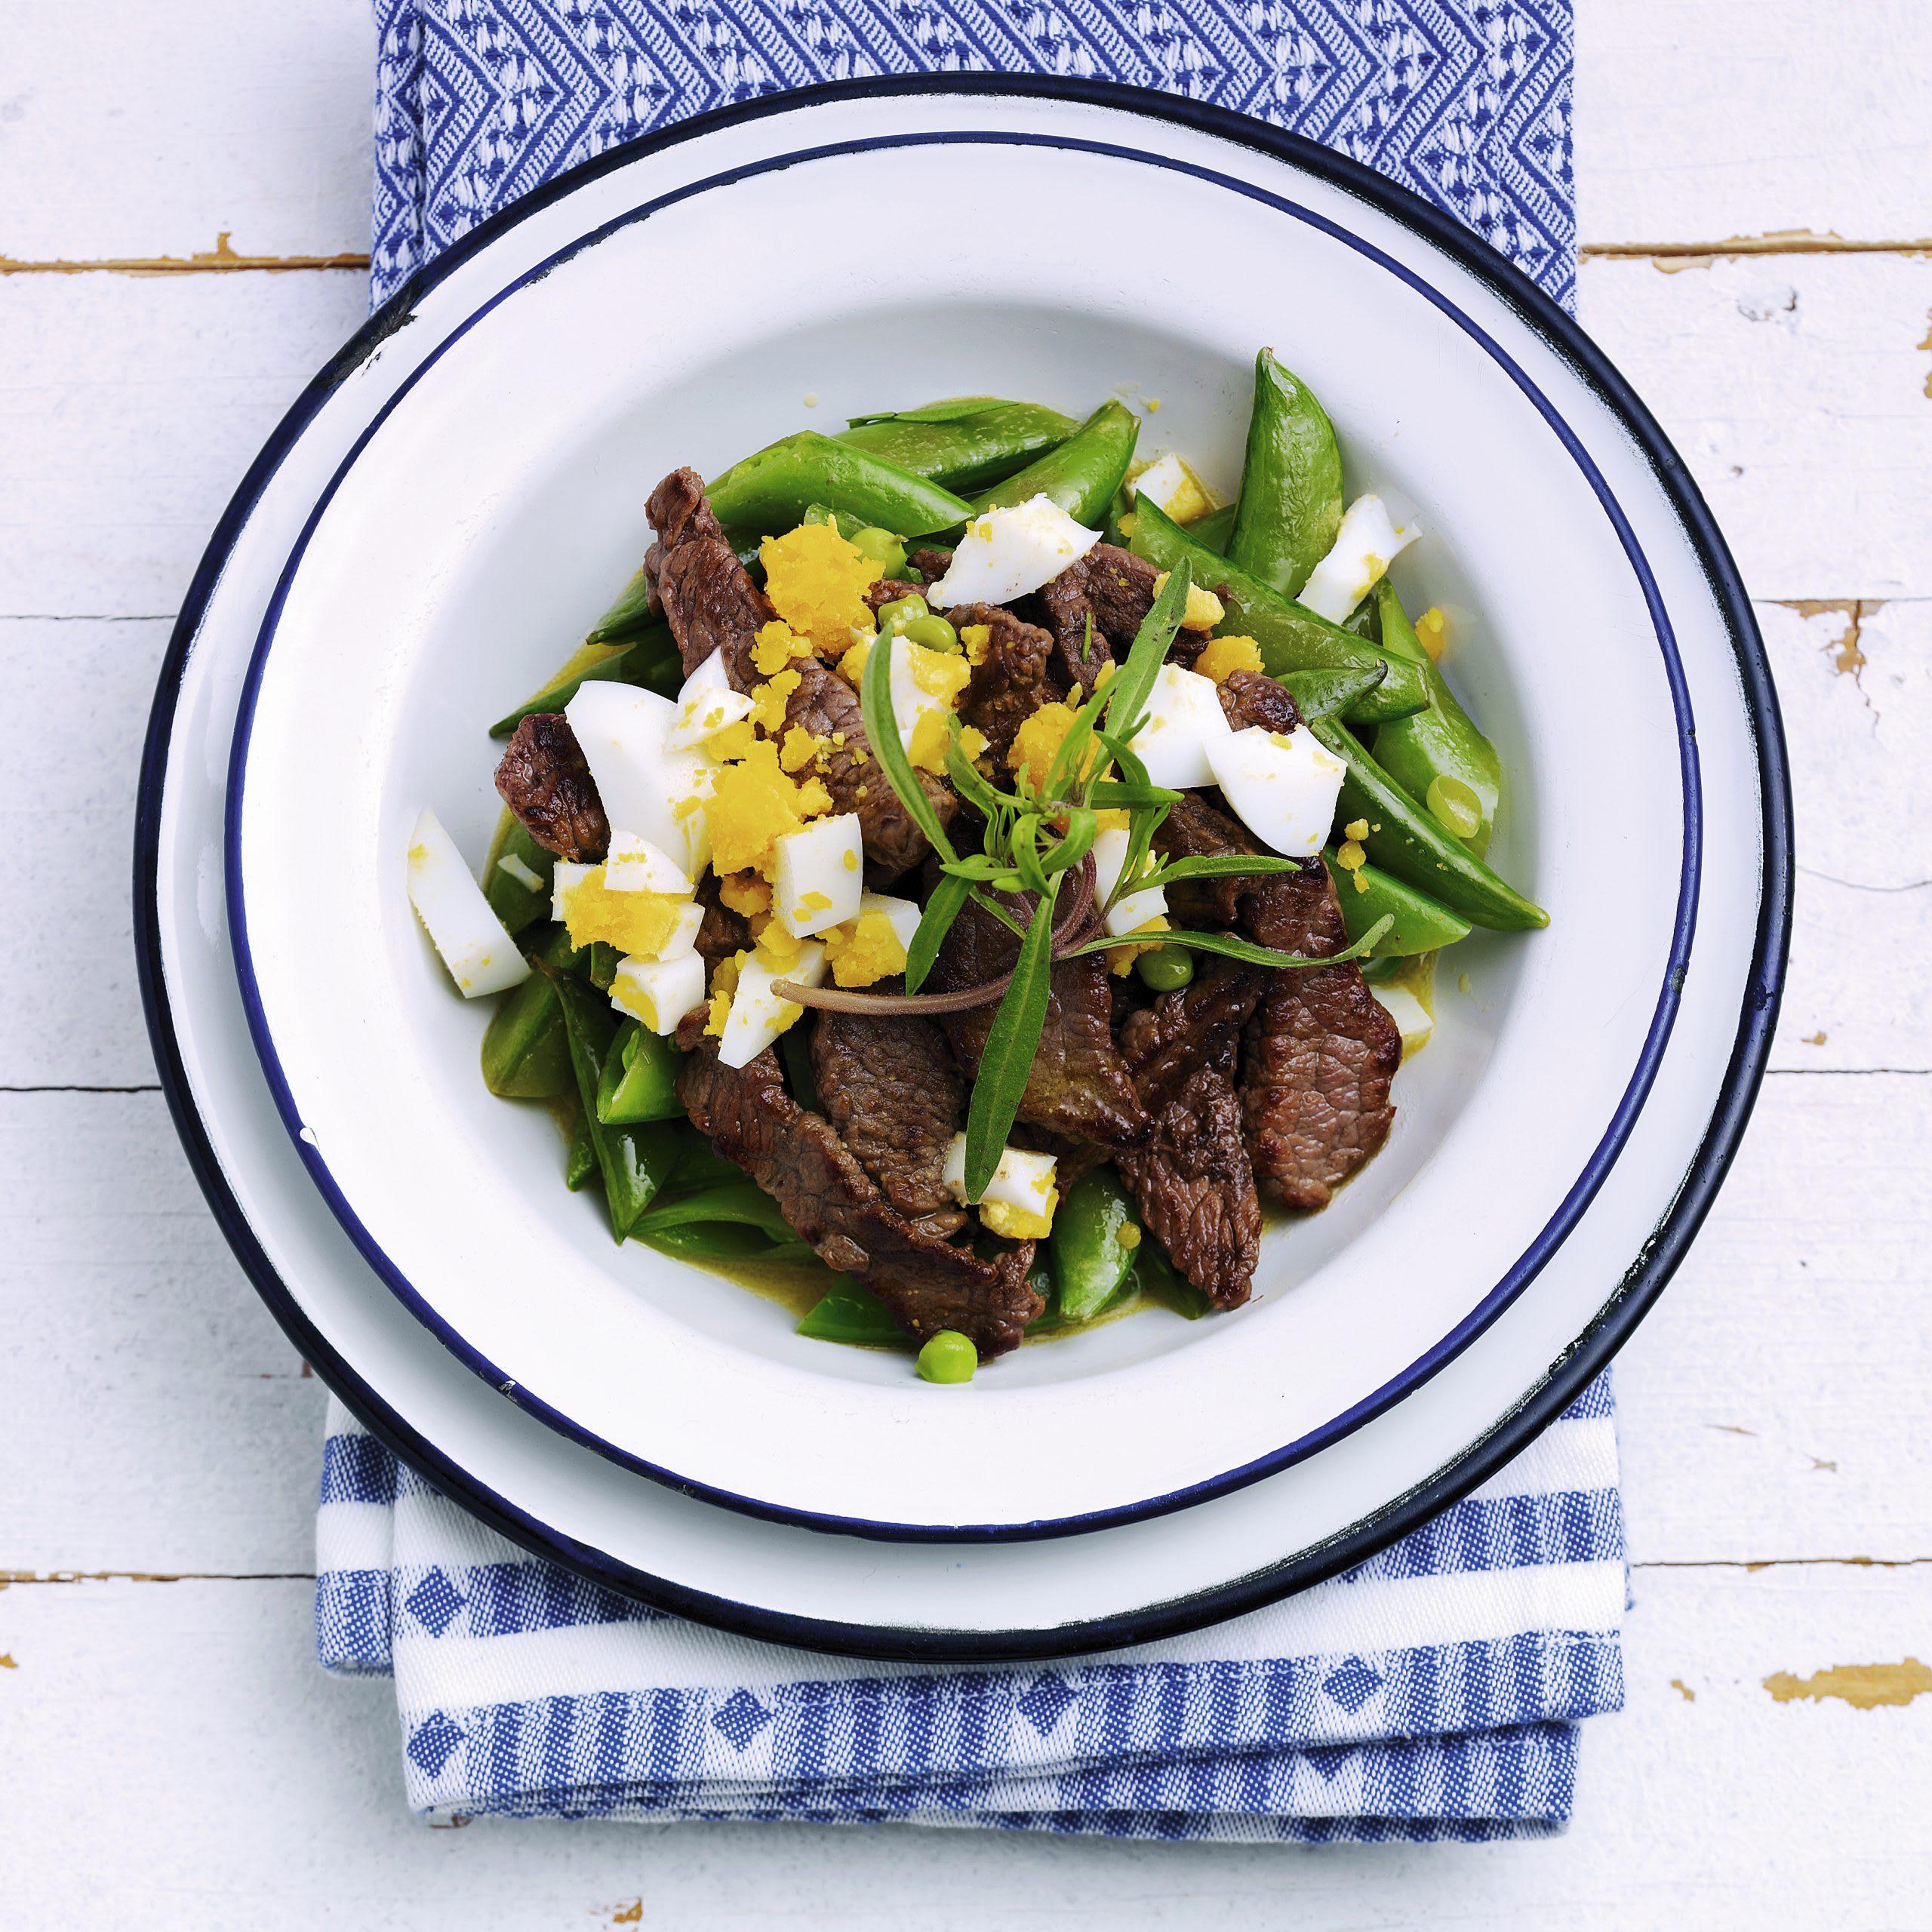 Salade de pois gourmands au boeuf